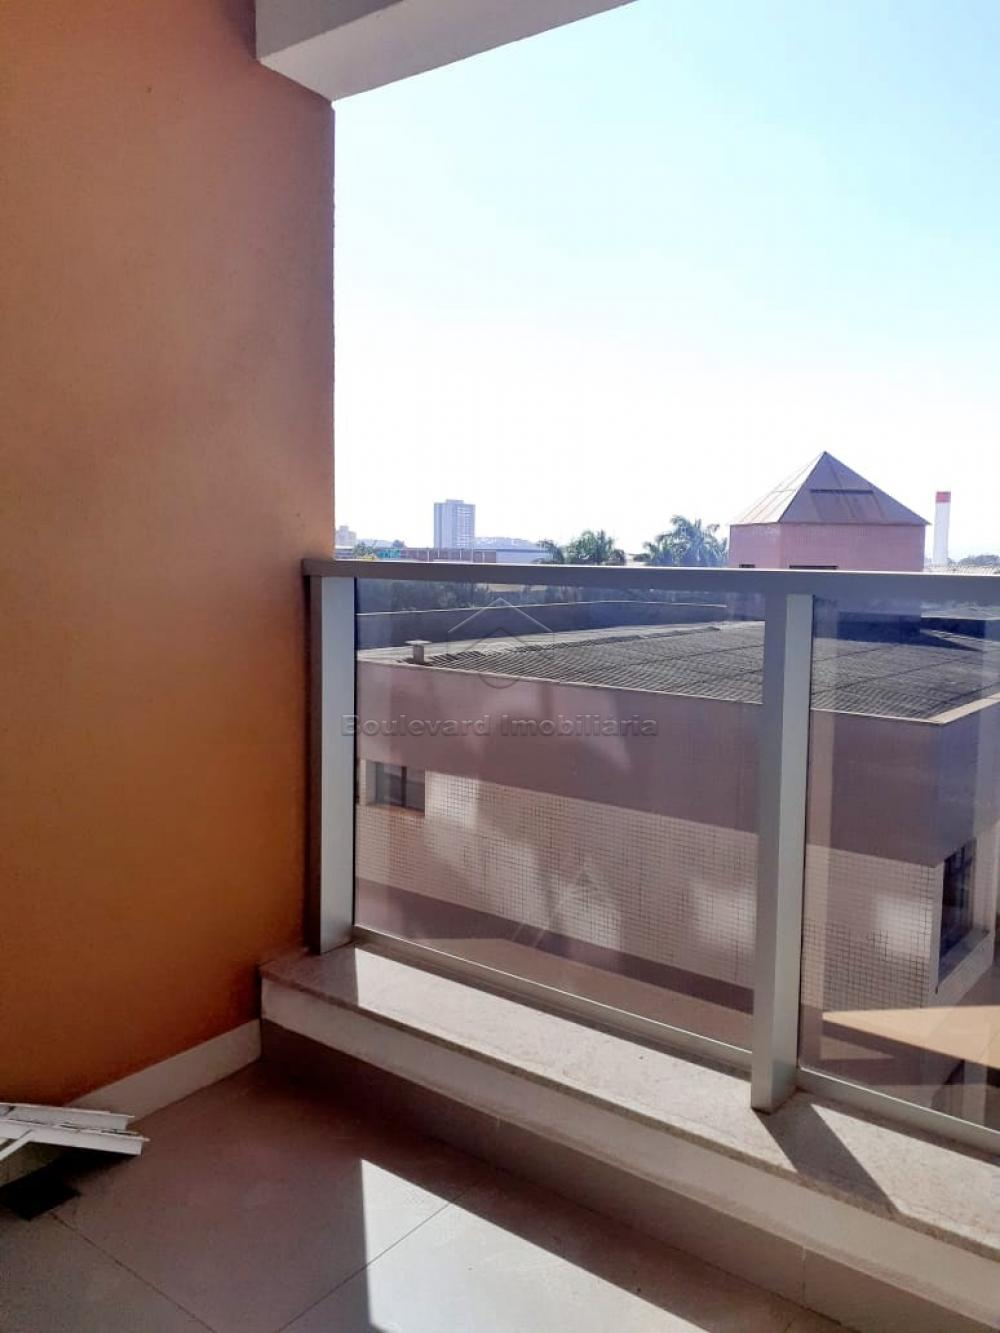 Alugar Apartamento / Padrão em Ribeirão Preto R$ 2.000,00 - Foto 1